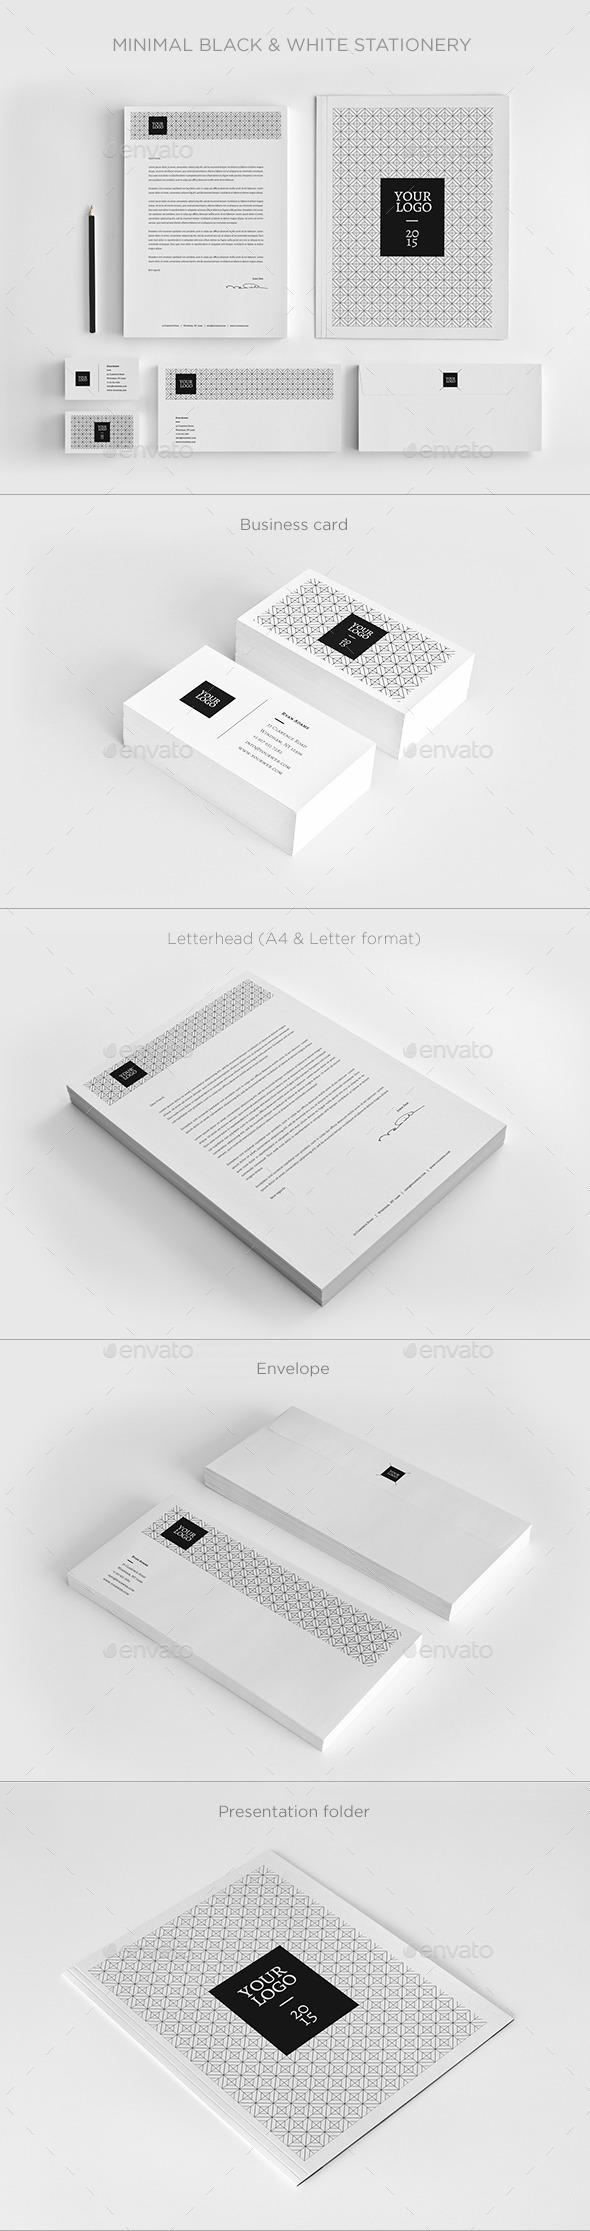 Minimal Black & White Stationery - Stationery Print Templates